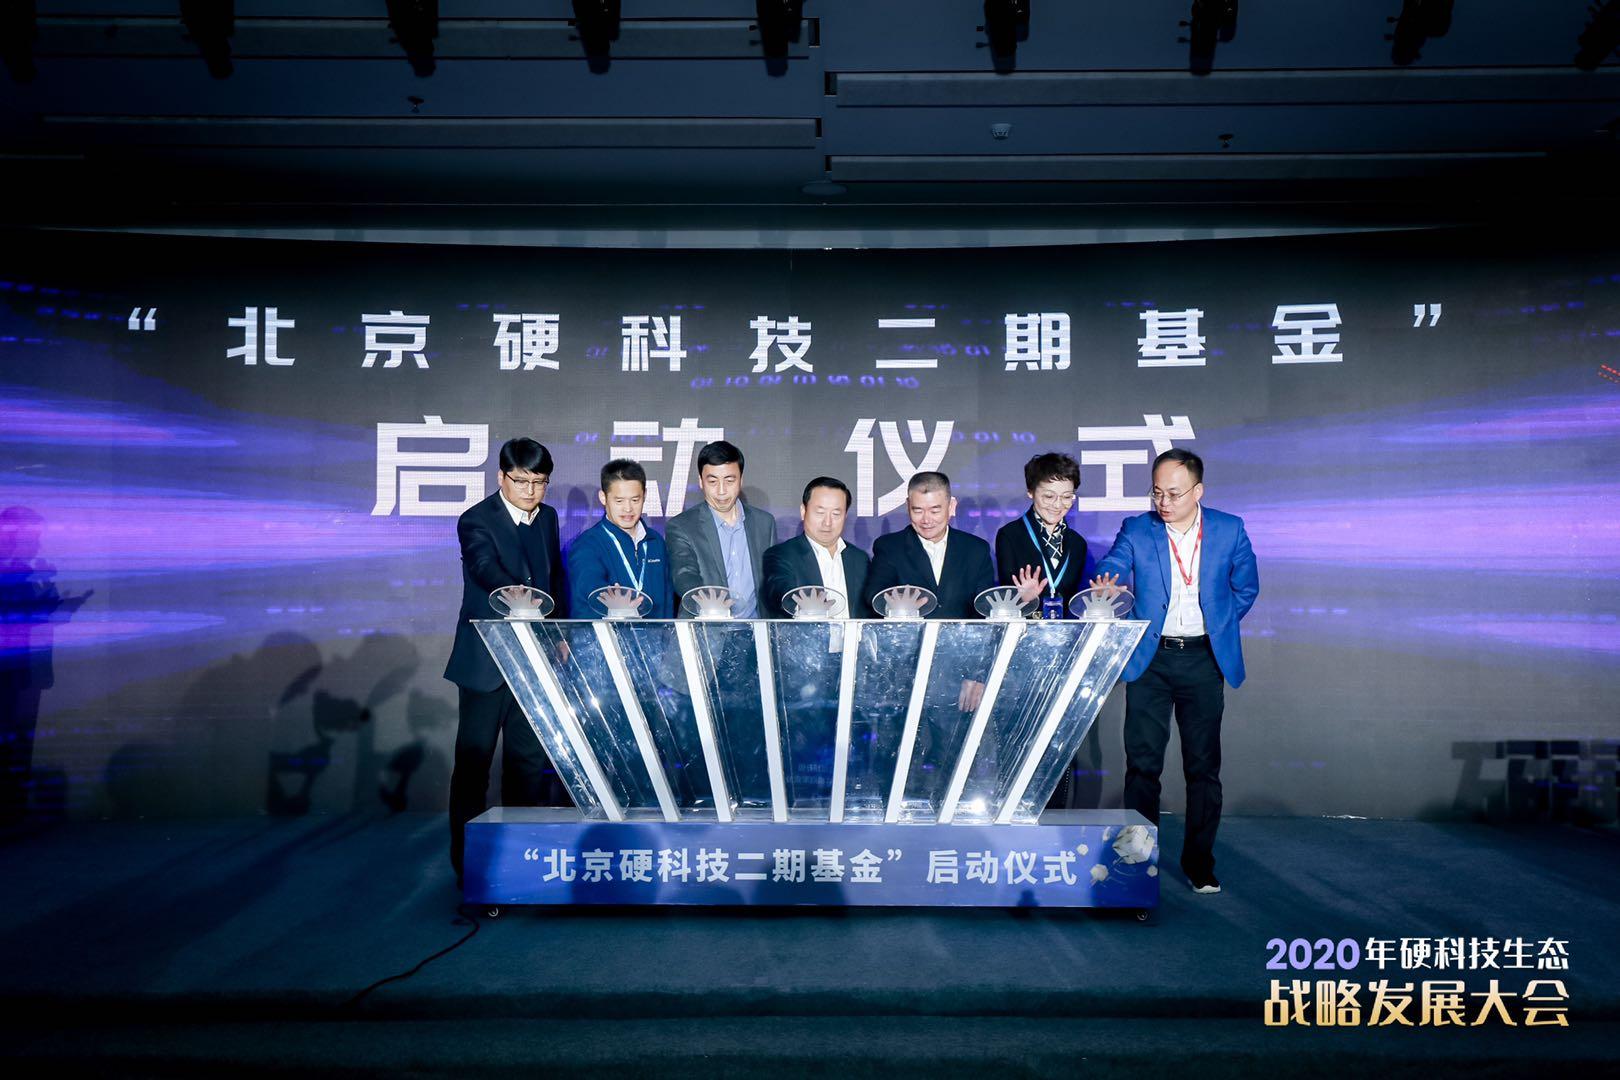 北京硬科技二期基金宣布启动,将发力半导体、芯片、人工智能、5G等